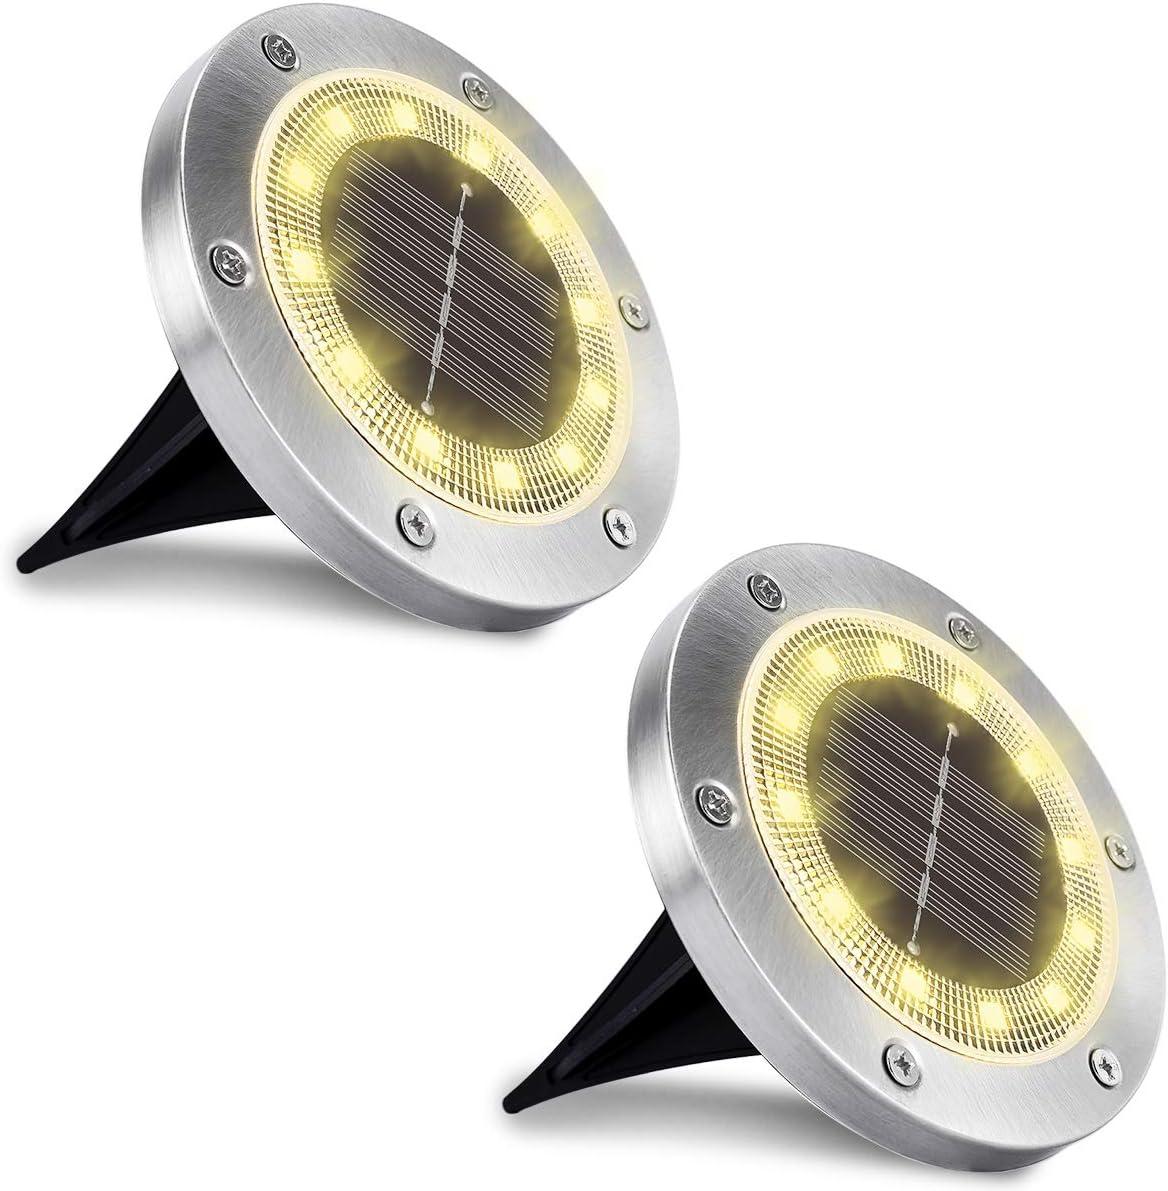 c/ésped Blanco c/álido, 2 paquetes WOWDSGN 12 LED IP65 Luz de suelo solar a prueba de agua al aire libre para jard/ín estanque y decoraci/ón de cubierta de camino. patio